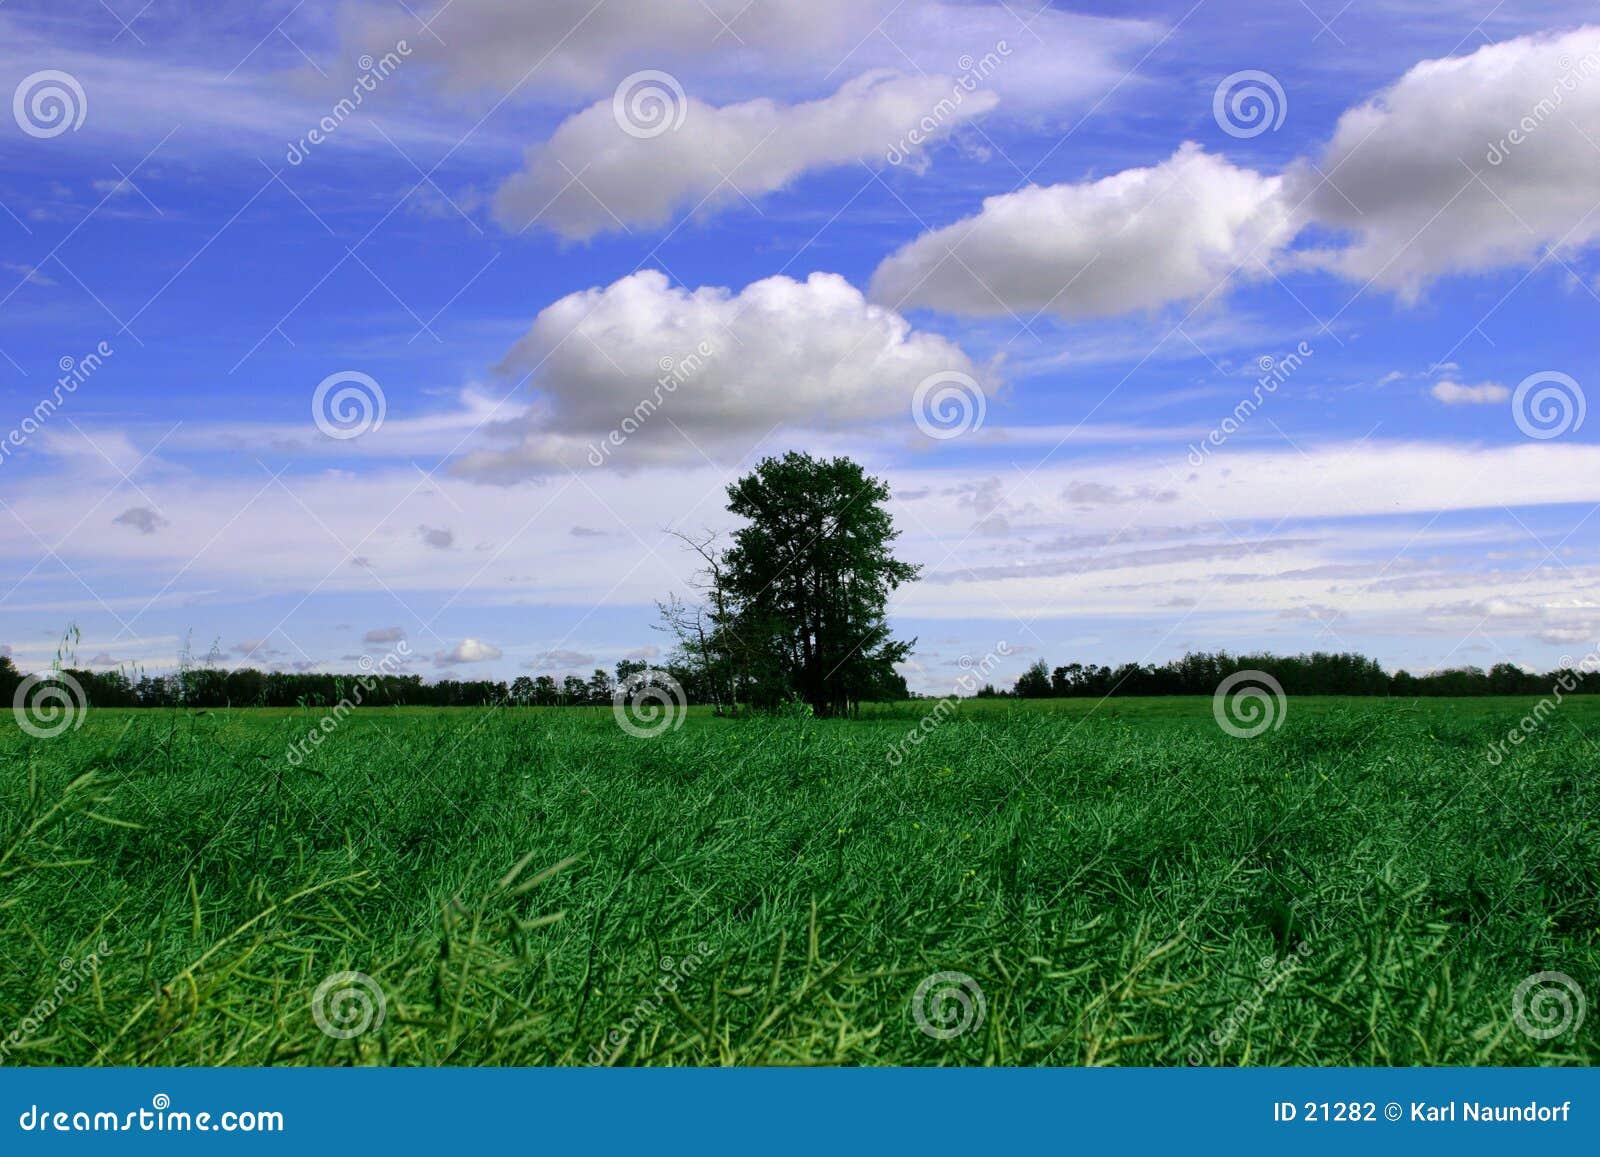 Blaue Himmel, grünes Feld und Baum